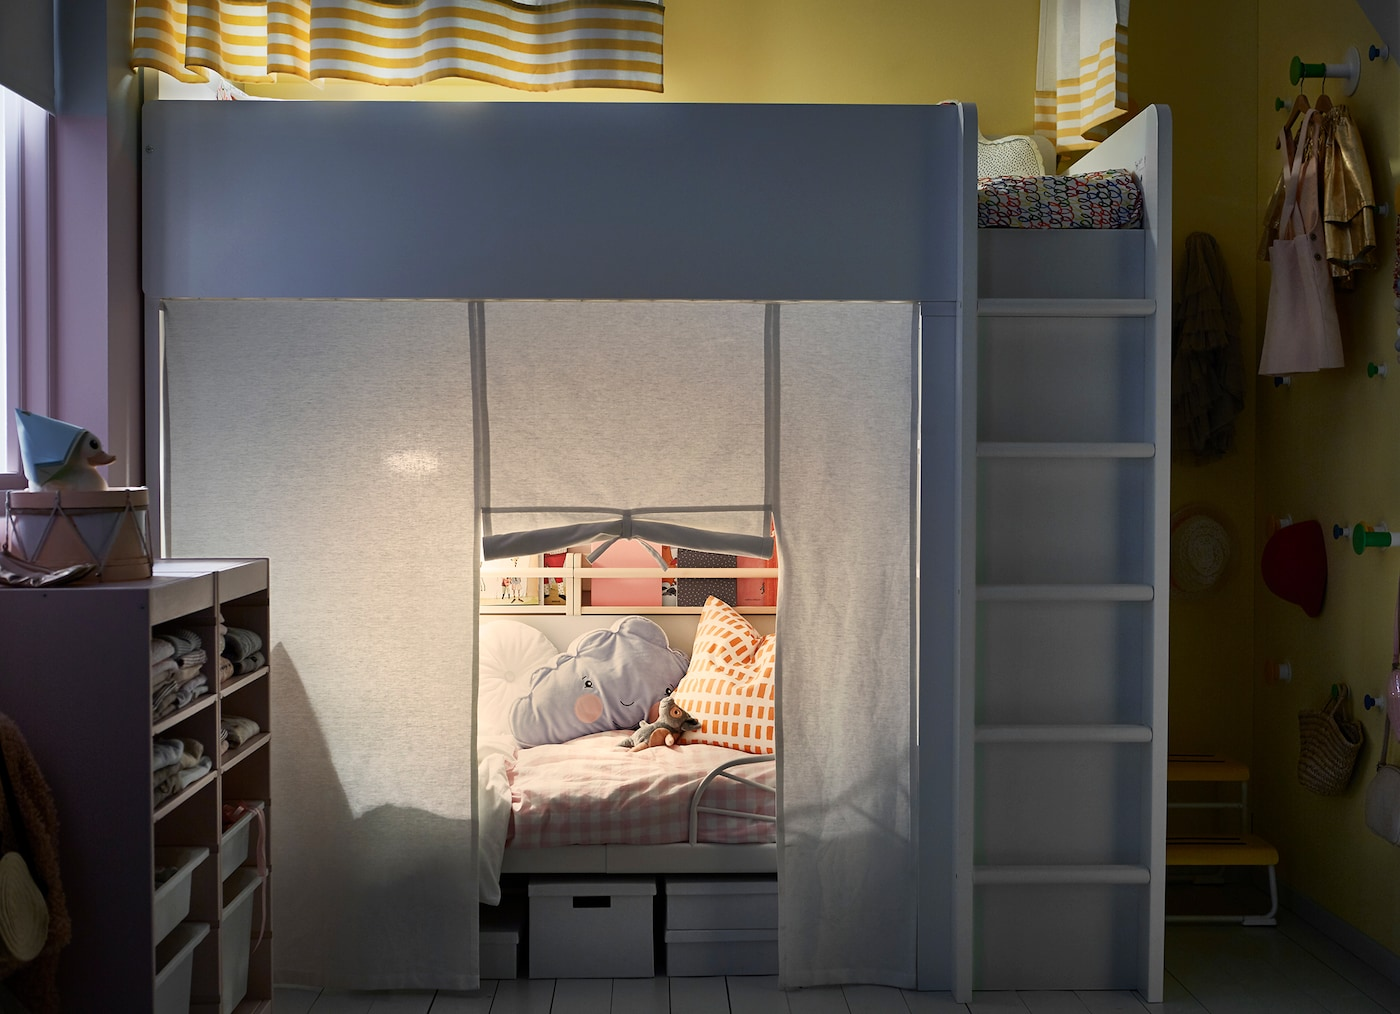 Ikea Etagenbett Vorhang : Hochbett vorhang halb ikea u nslexchange